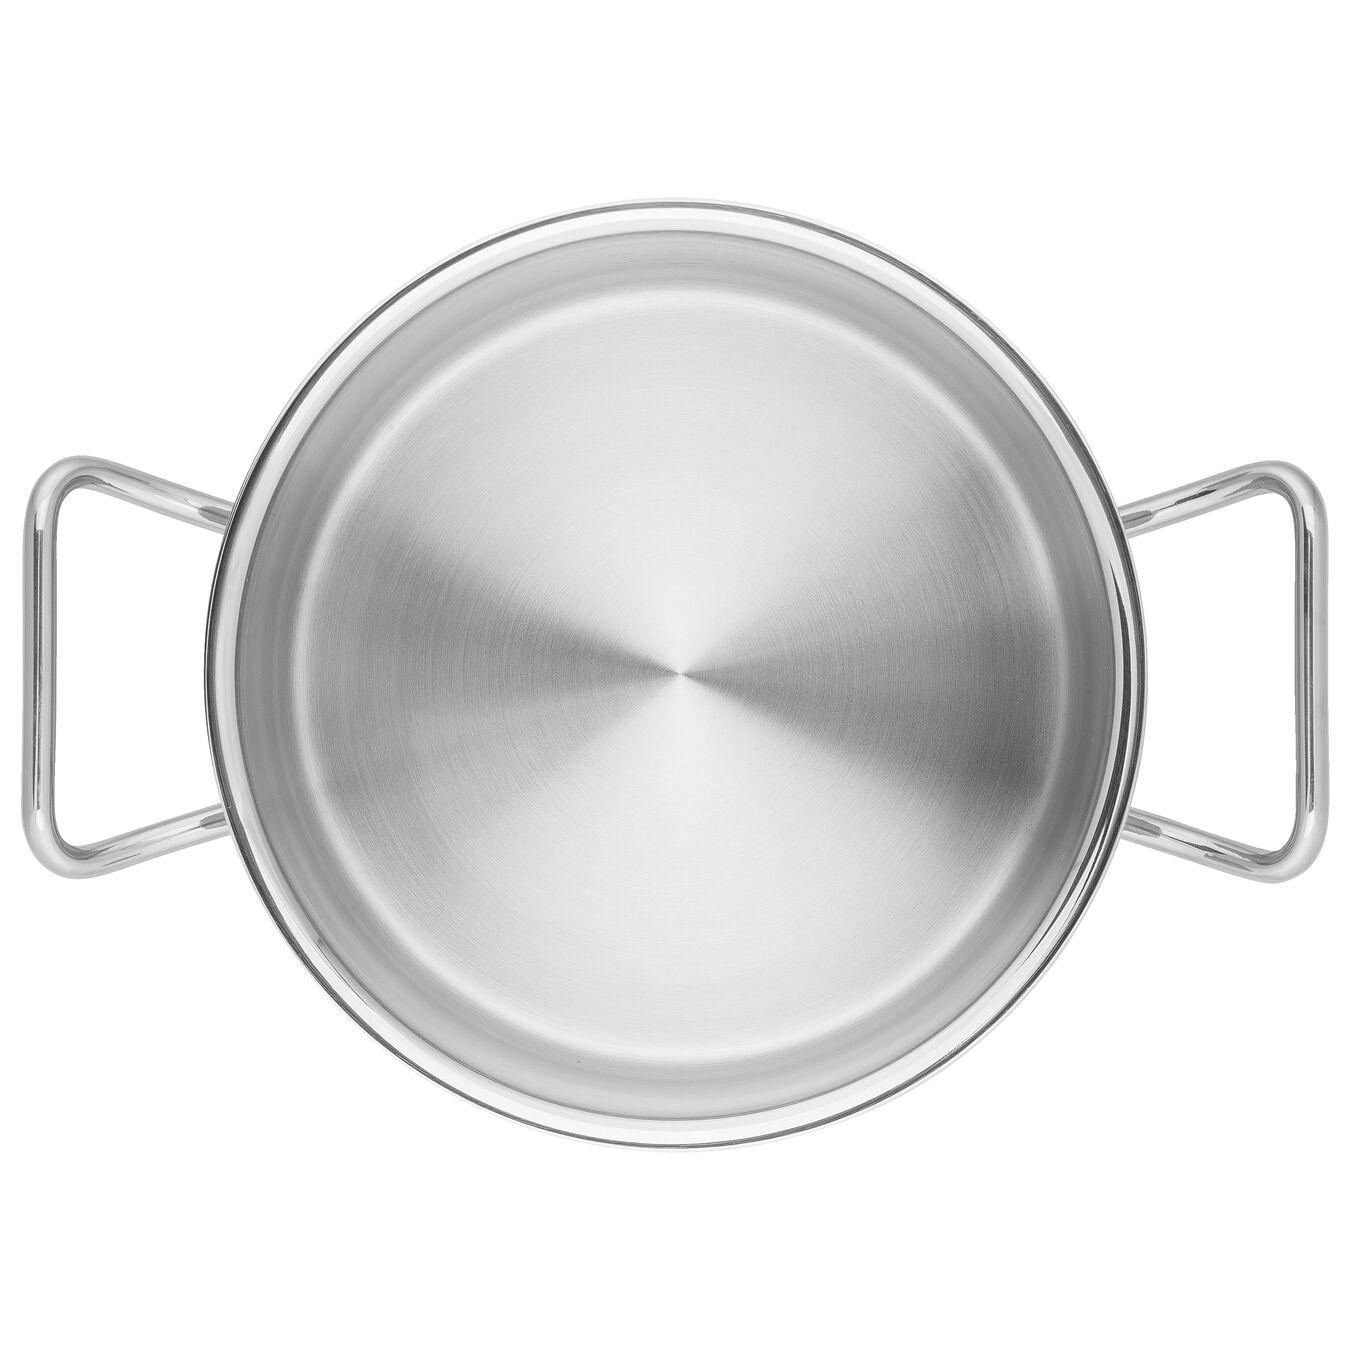 Tegame - 24 cm, 18/10 Acciaio inossidabile,,large 4